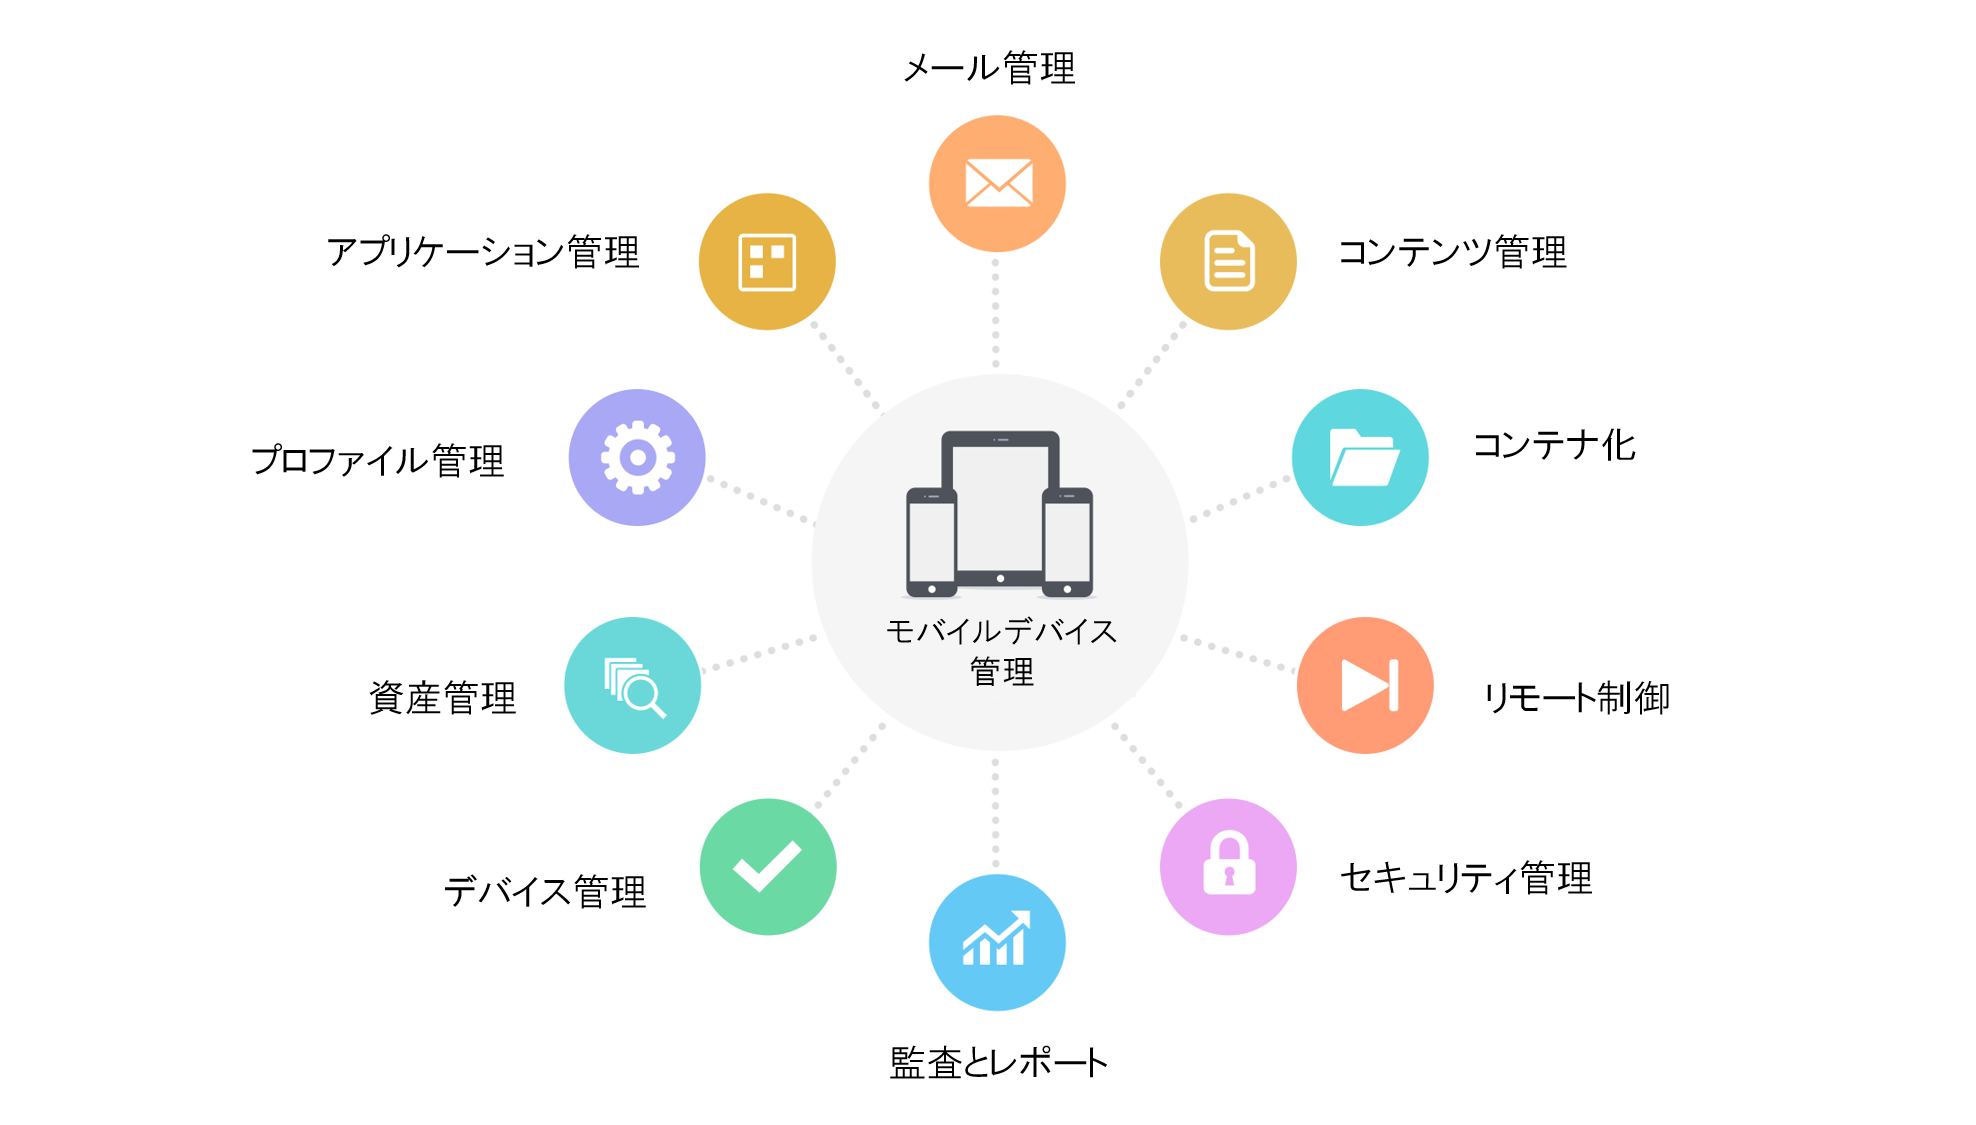 モバイルデバイス管理 desktop central